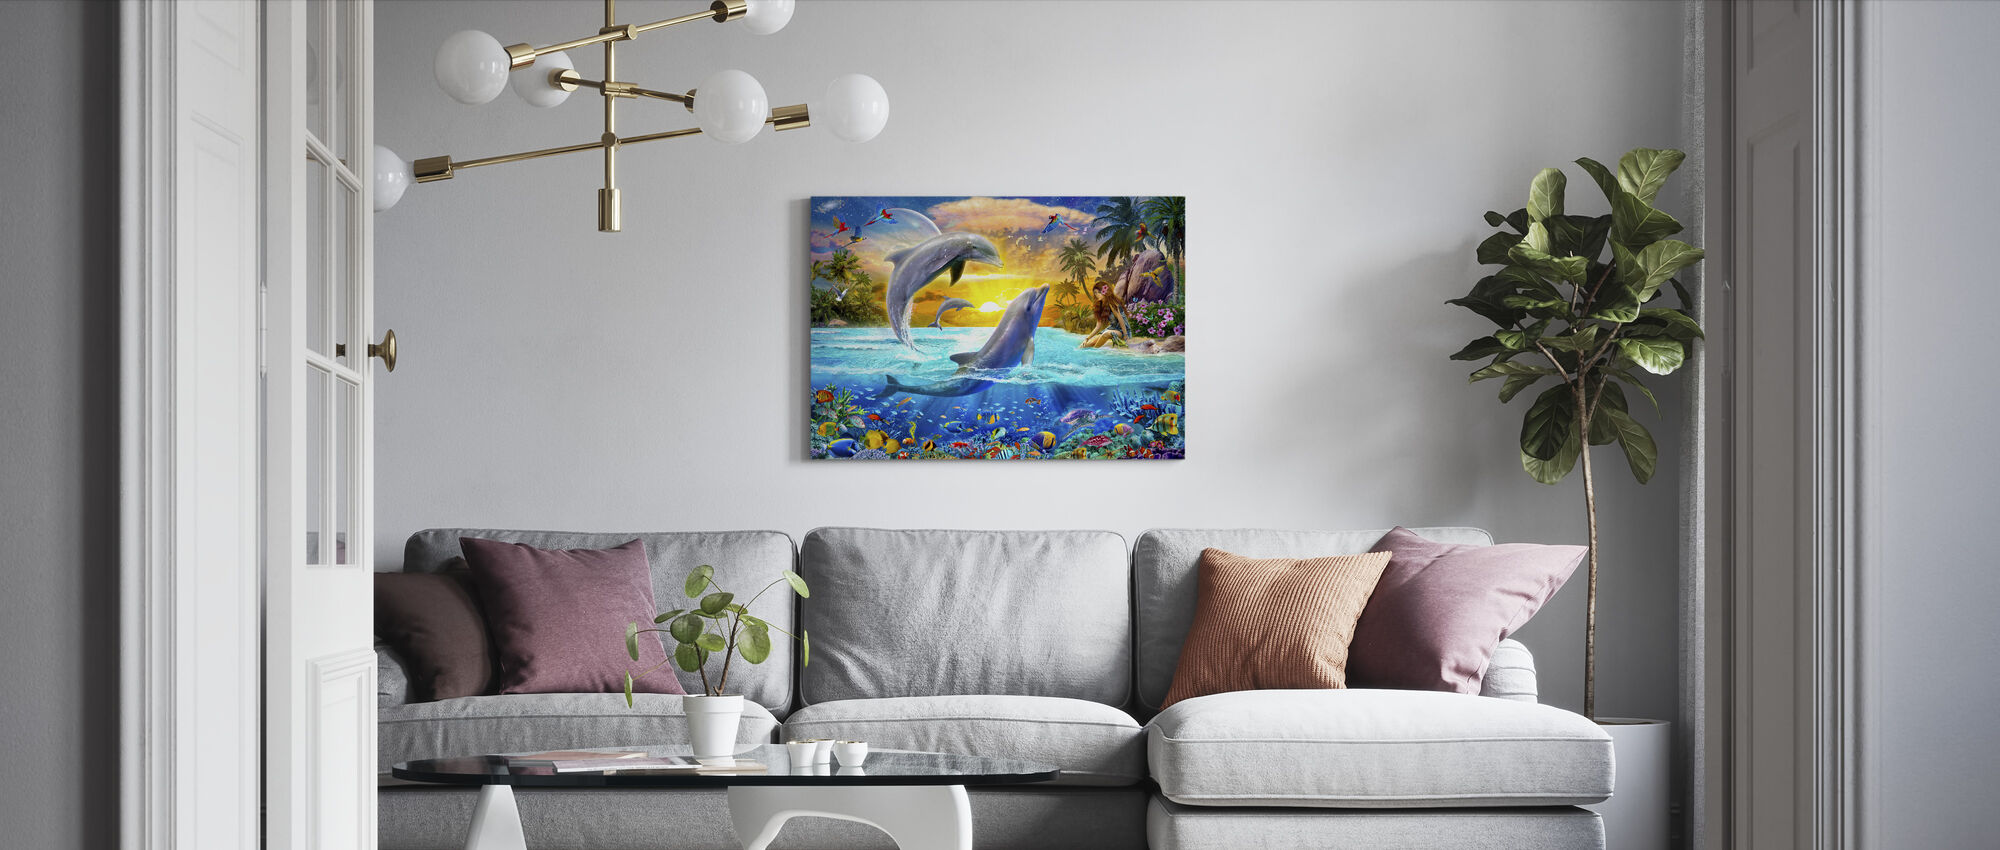 Meisje en Dolfijnen - Canvas print - Woonkamer